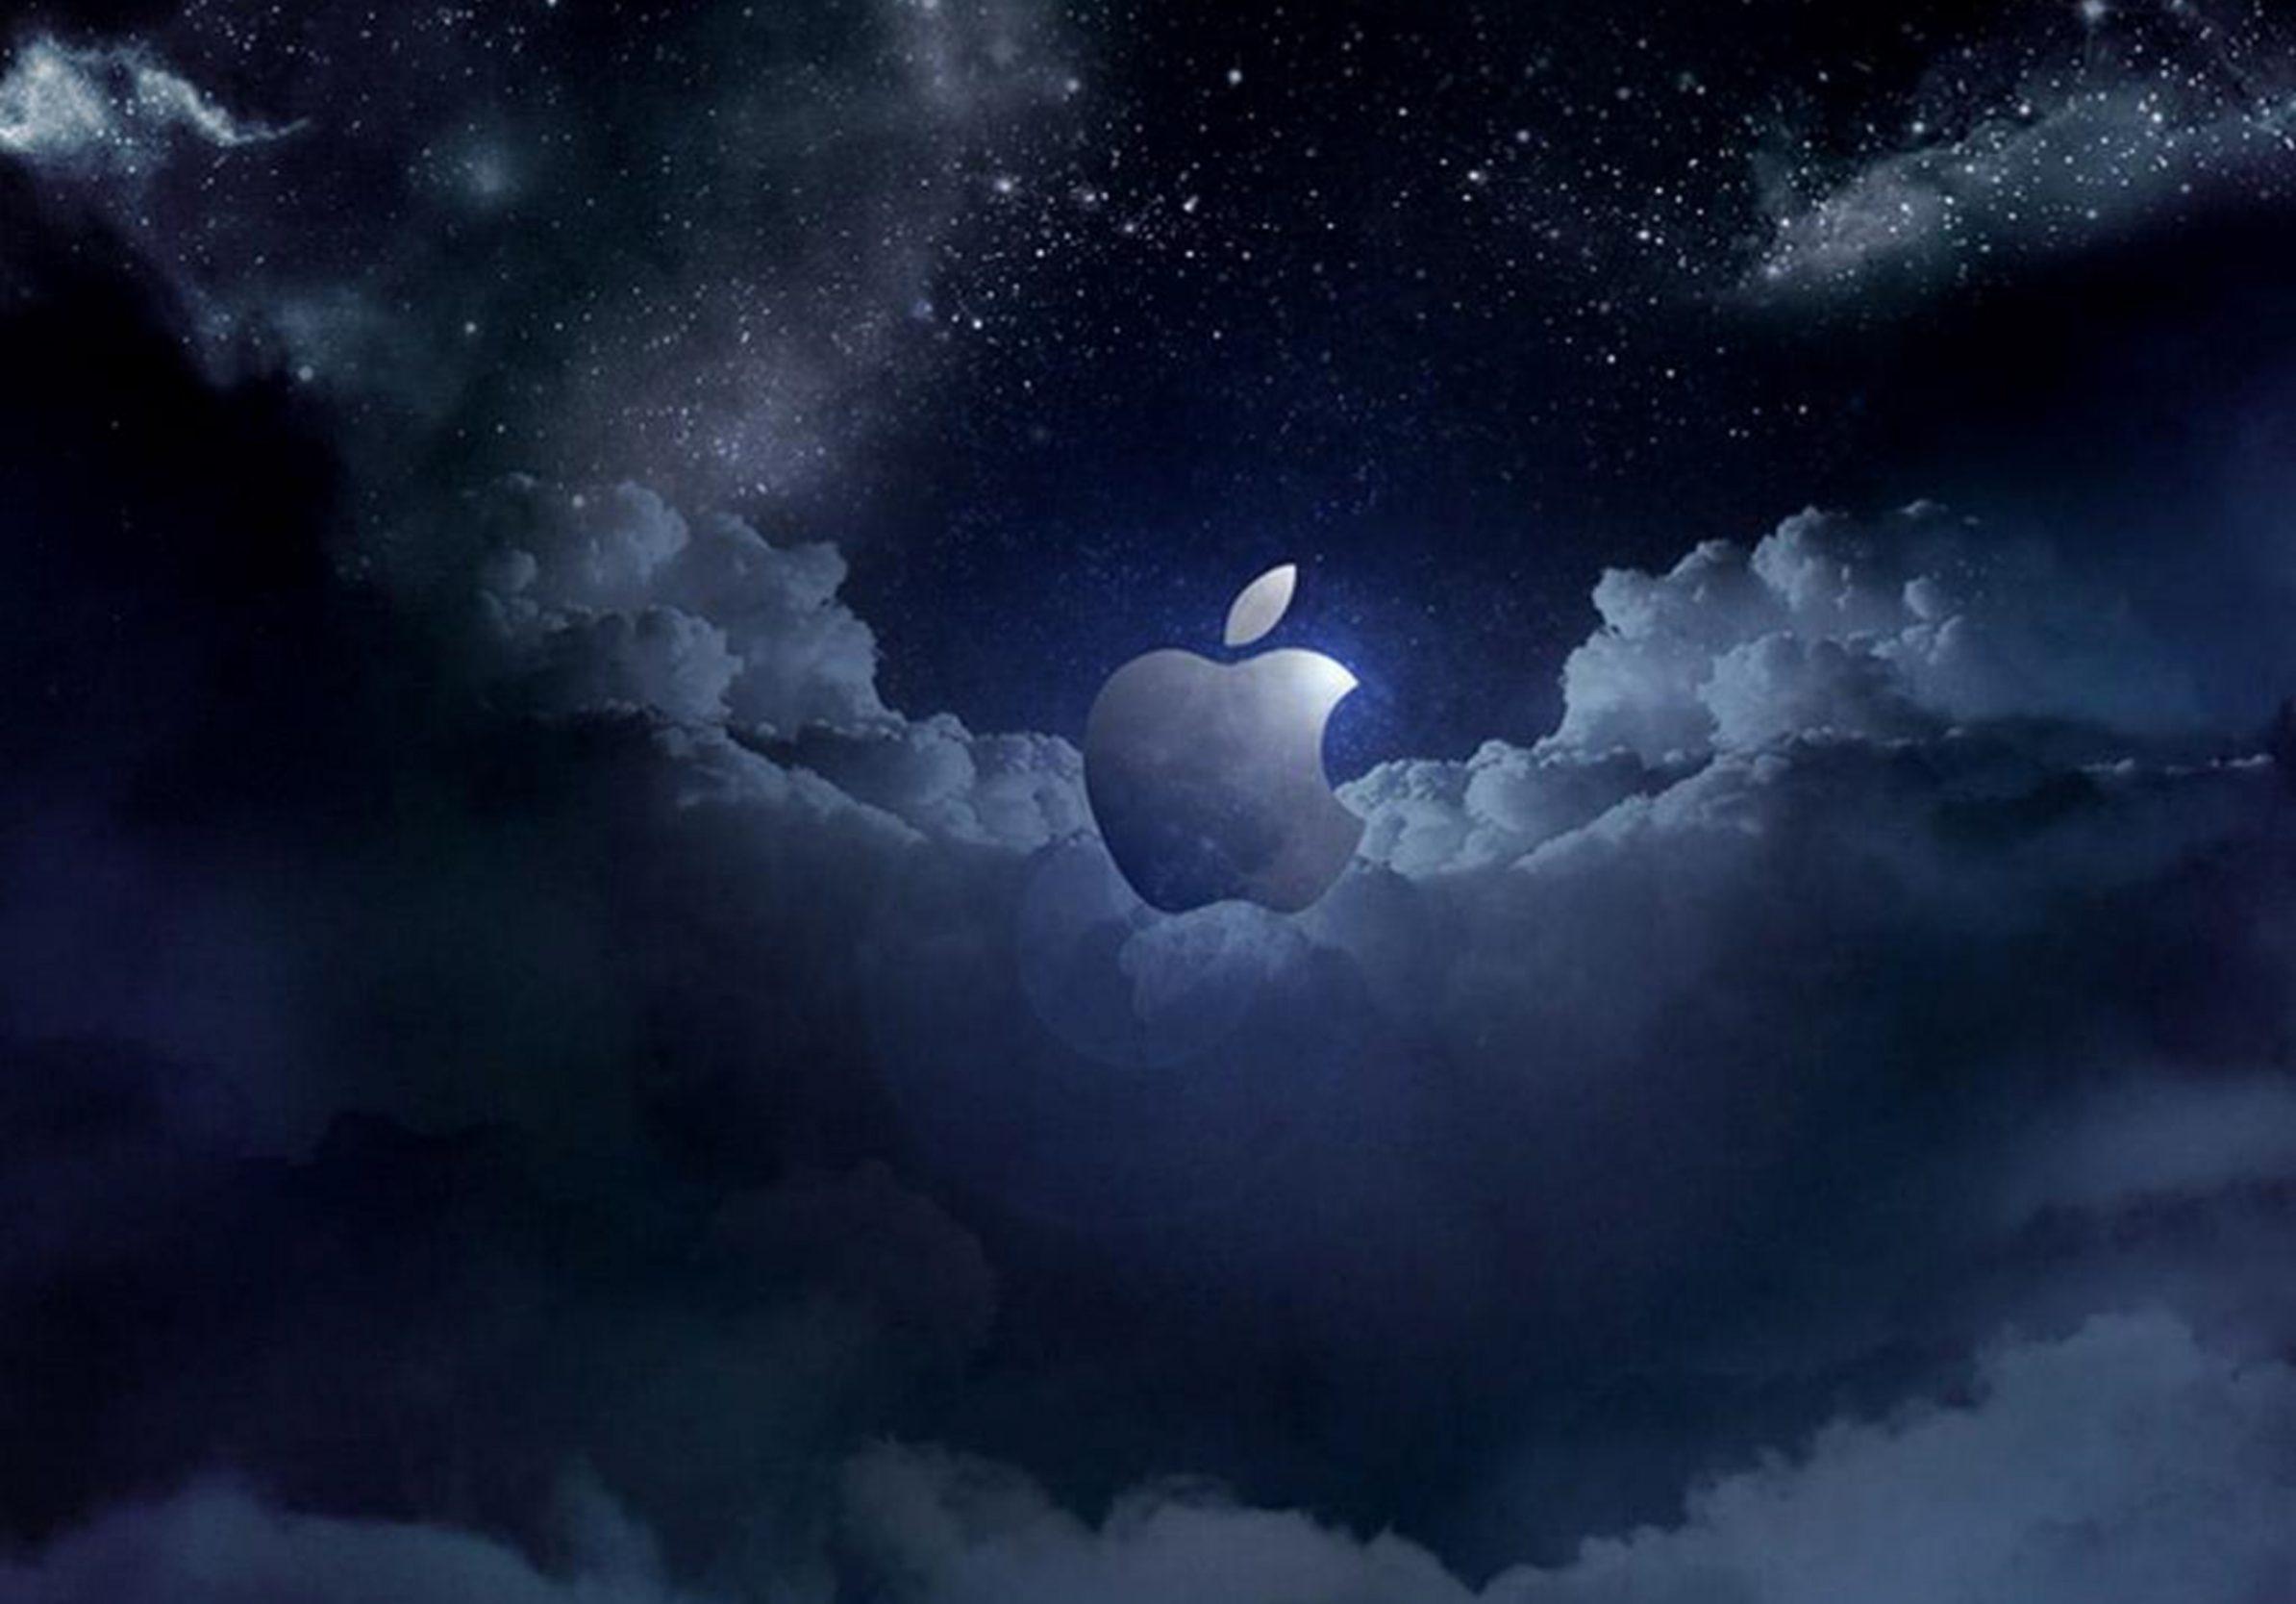 2388x1668 iPad Pro wallpapers Apple Cloud at Night Ipad Wallpaper 2388x1668 pixels resolution